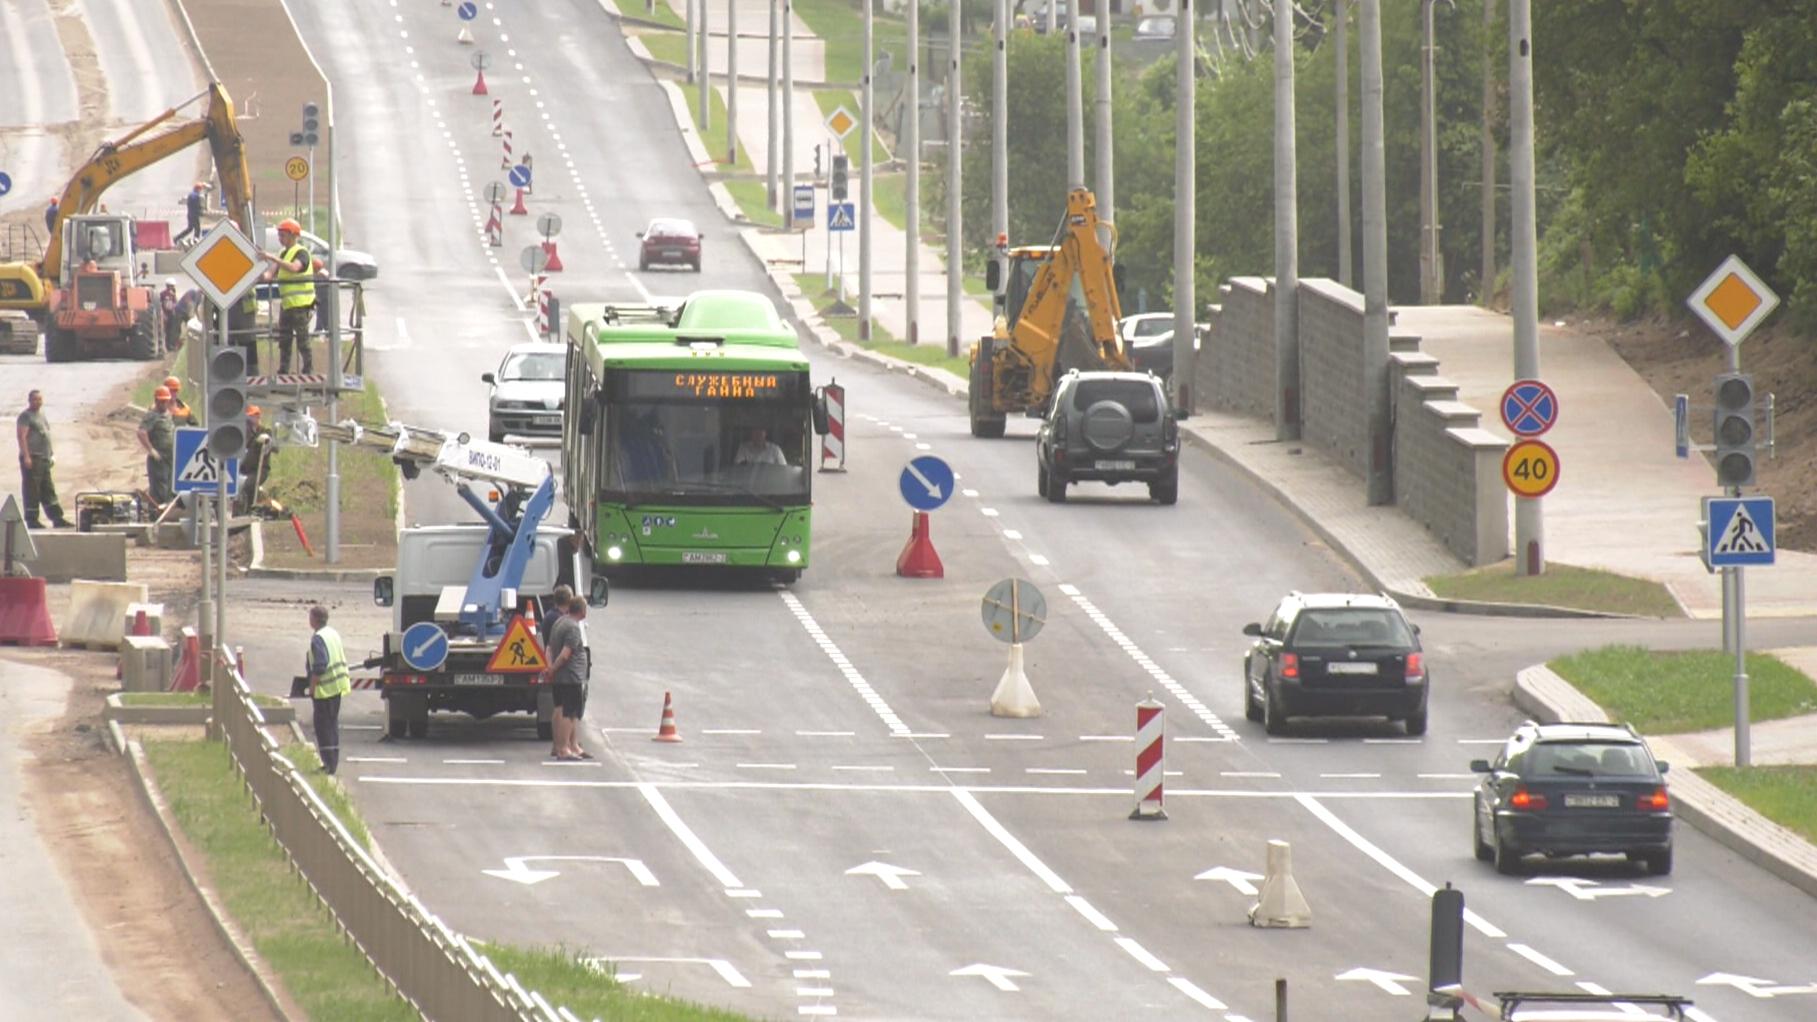 gagarina - В Витебске завершается реконструкция улицы Гагарина (видео)